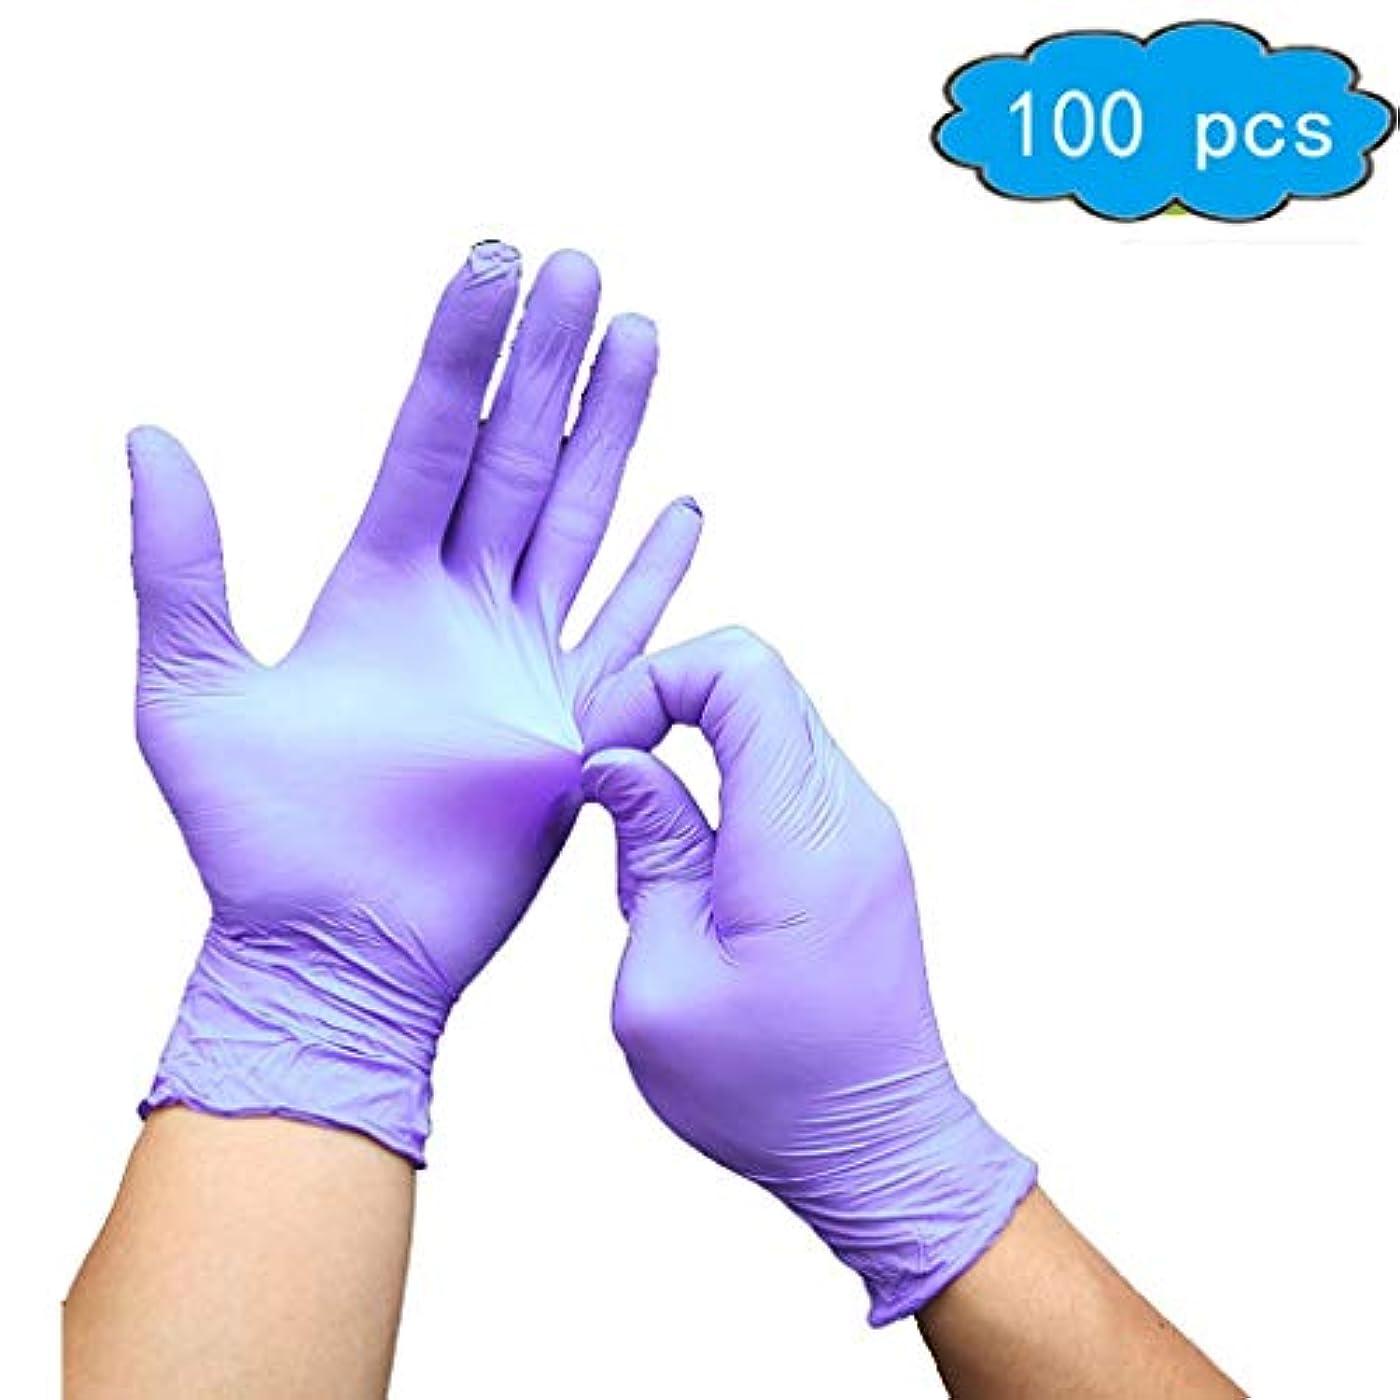 ベイビーロボットを通して使い捨てニトリル手袋-4ミル、パウダーフリー、テクスチャード、使い捨て、小、100個入り、防水、ゴムラテックス、タトゥー、耐油性 (Color : Purple, Size : XS)